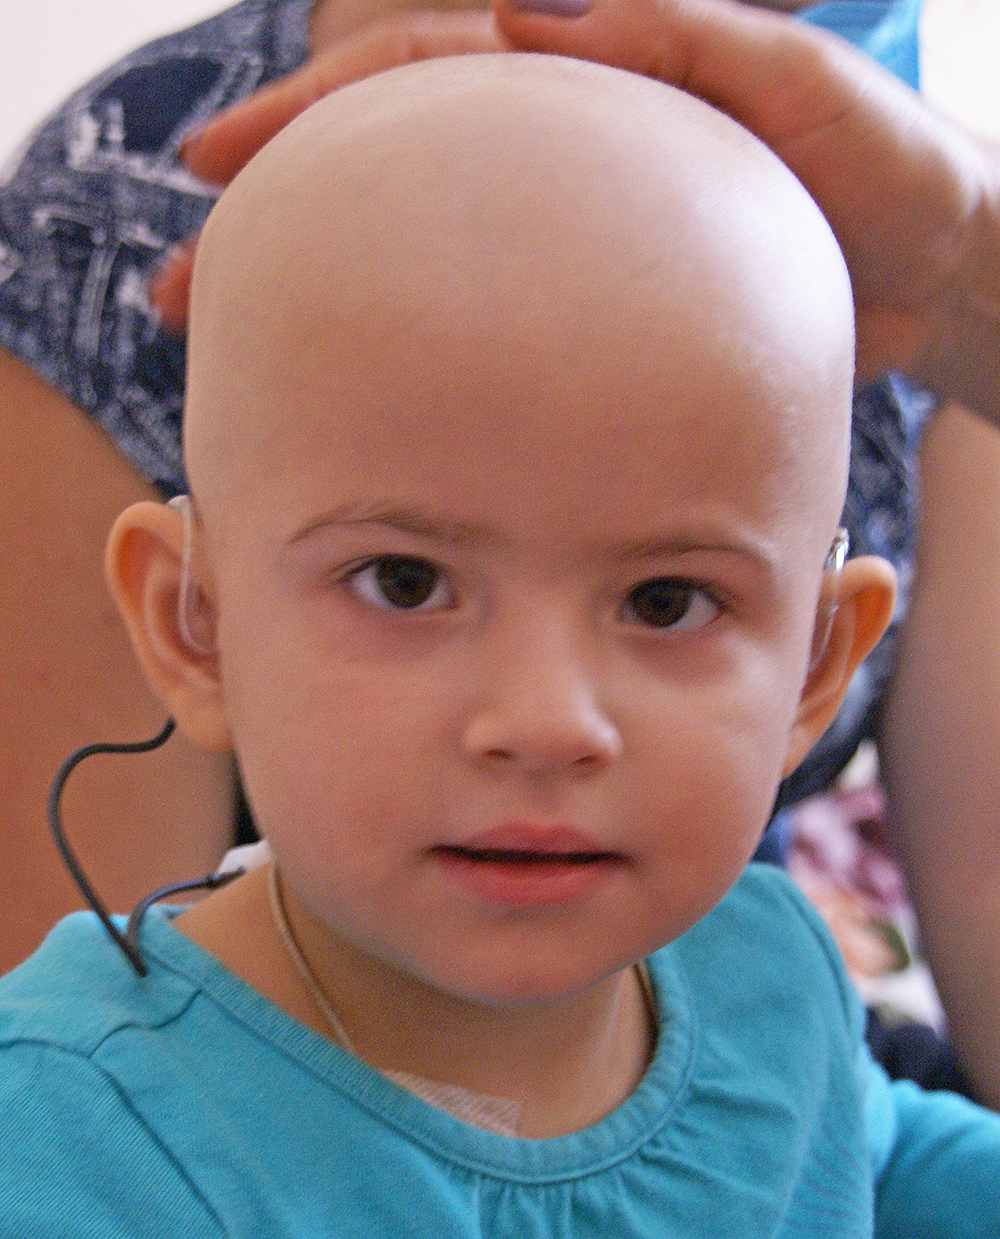 Pörträtaufnahme von einem Kind im Kinderkrankenhaus Nr. 16 in Kharkov